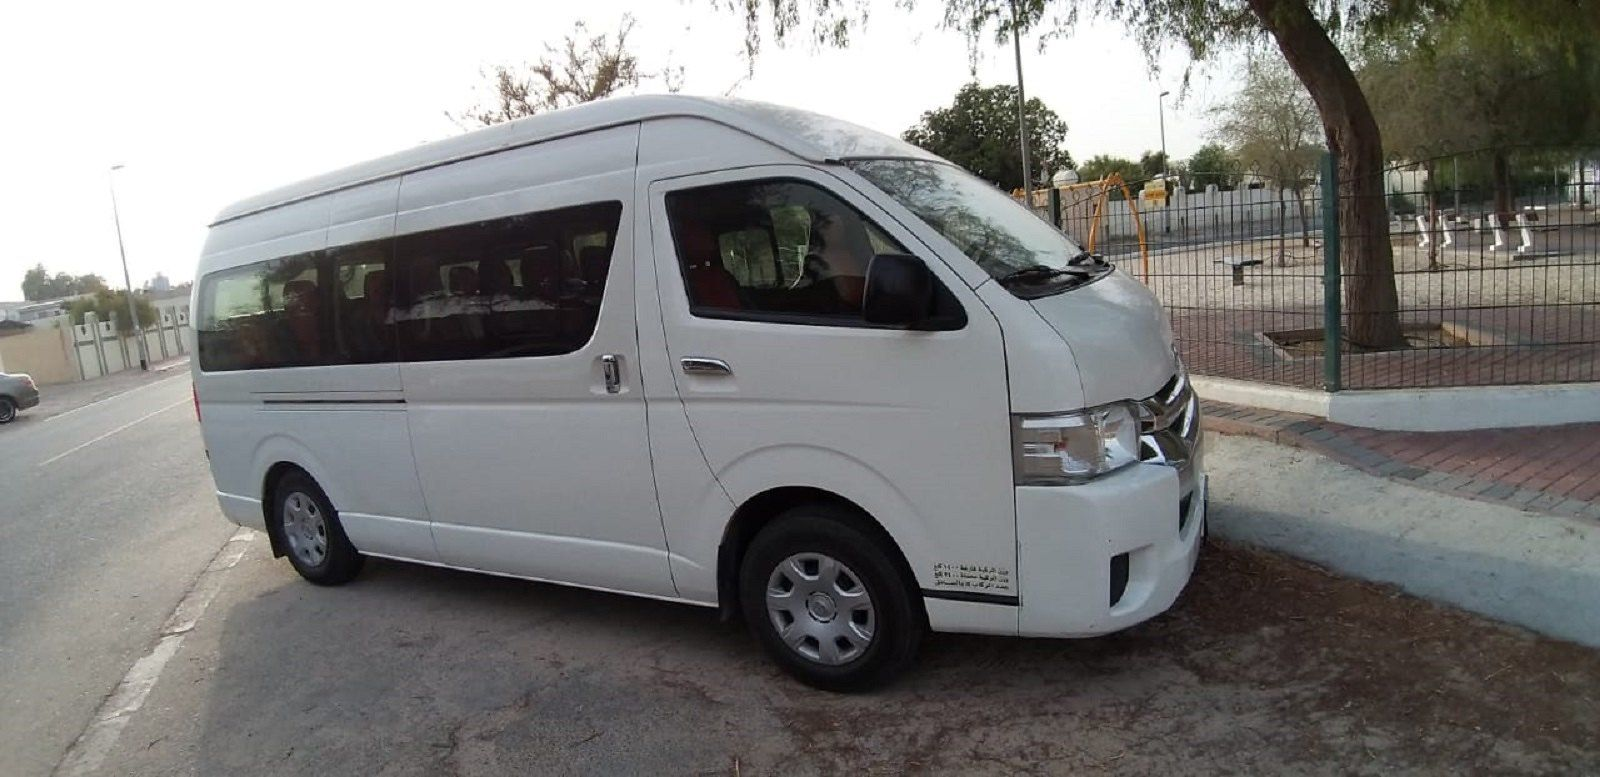 Pin By Manuelq Mvelasquez On Manuel Quirio In 2020 Transportation Companies In Dubai Mini Bus